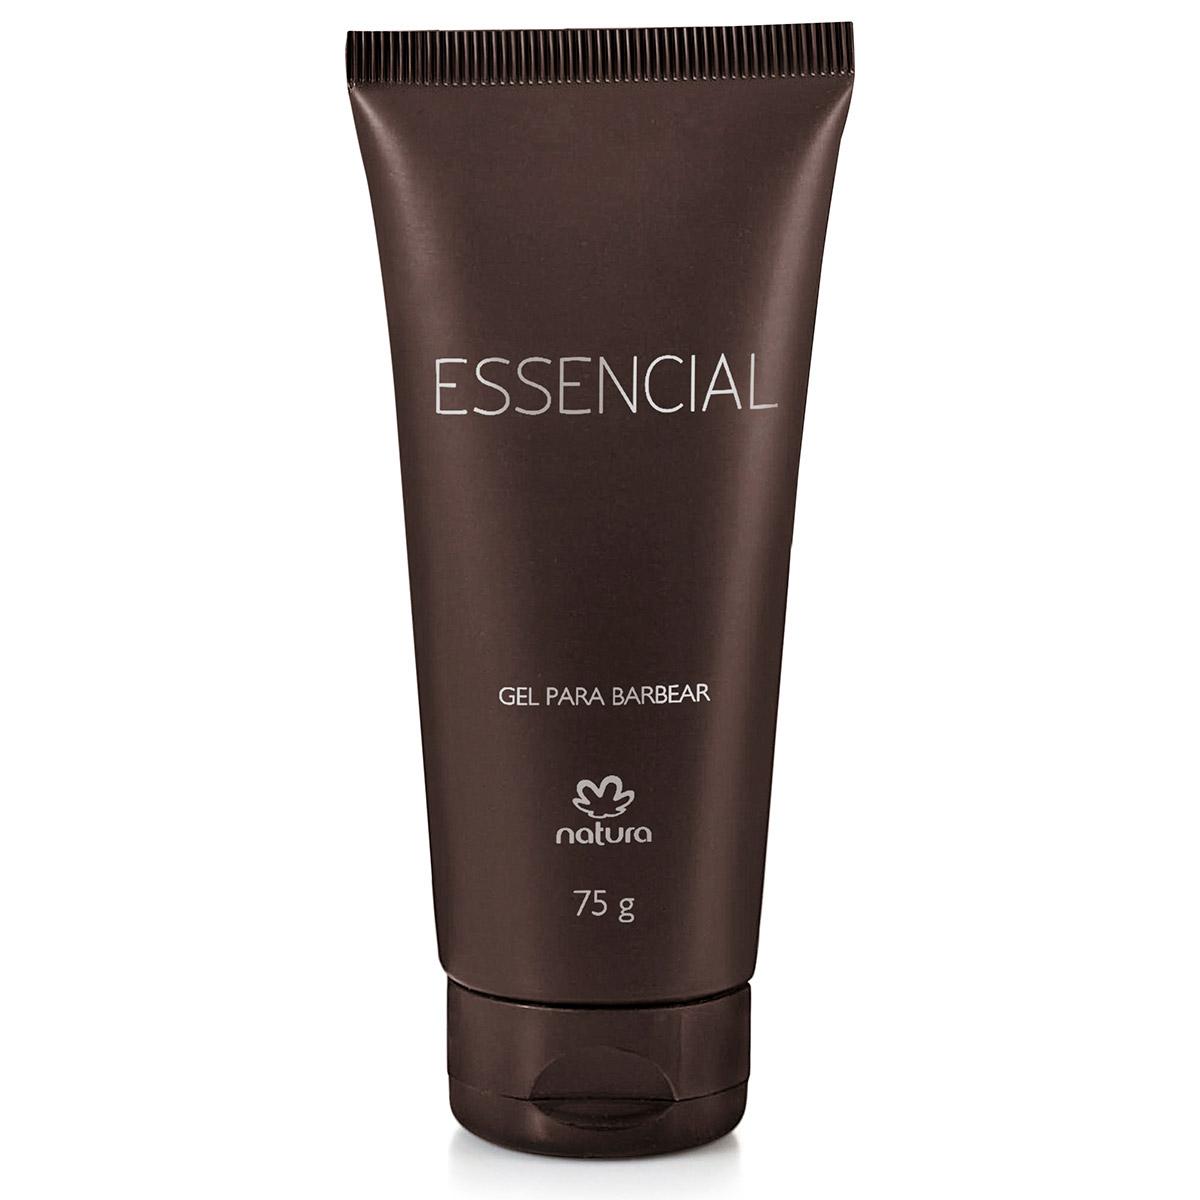 Gel Para Barbear Essencial - 75g - 53607